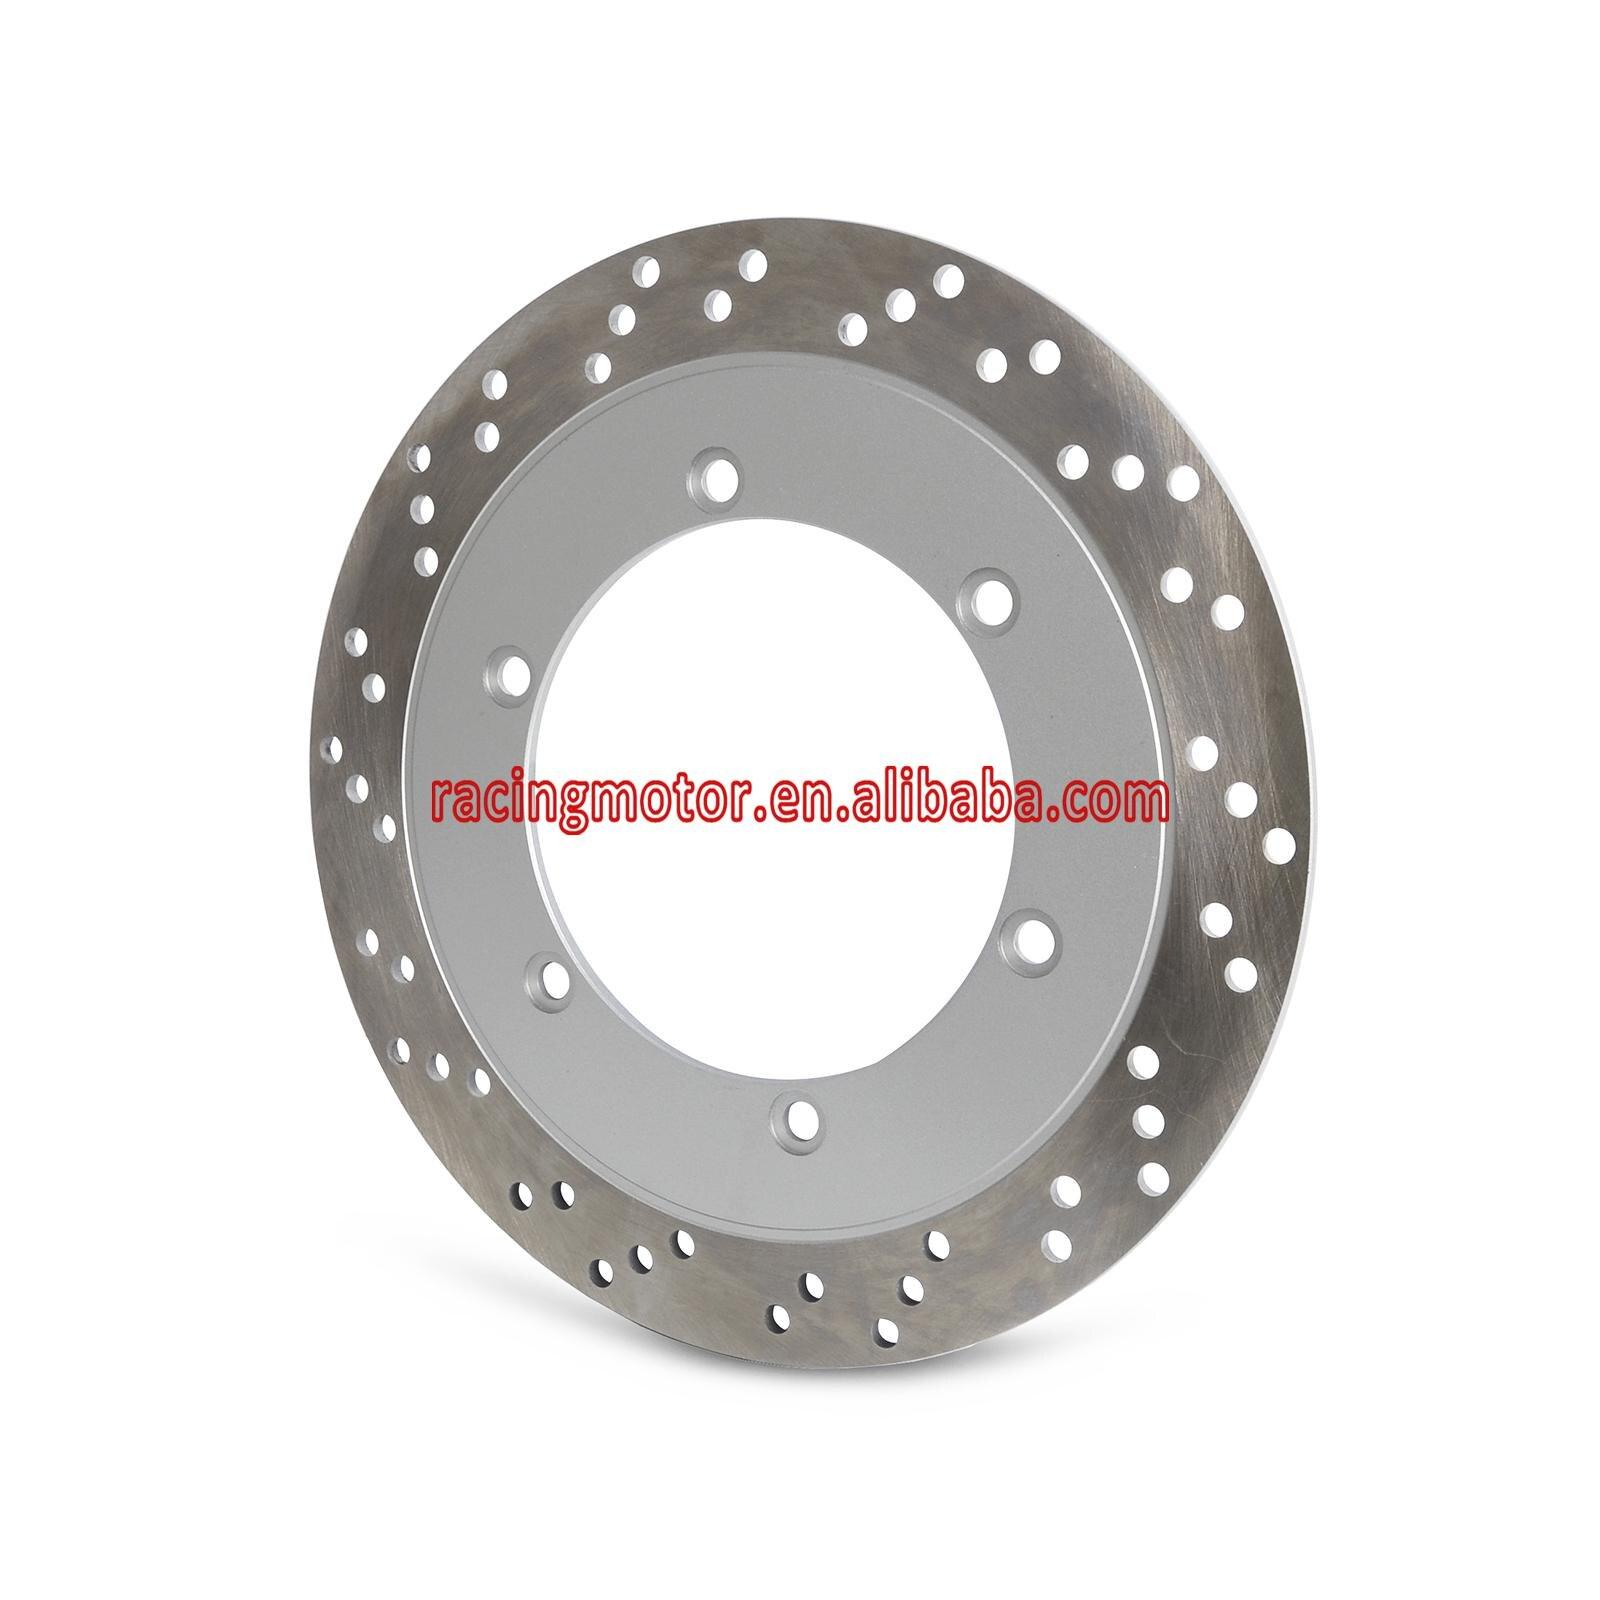 Arrière Disque De Frein Rotor Pour Honda VTX 1300 S3/S4/S5/S6/S7/S8 03-08